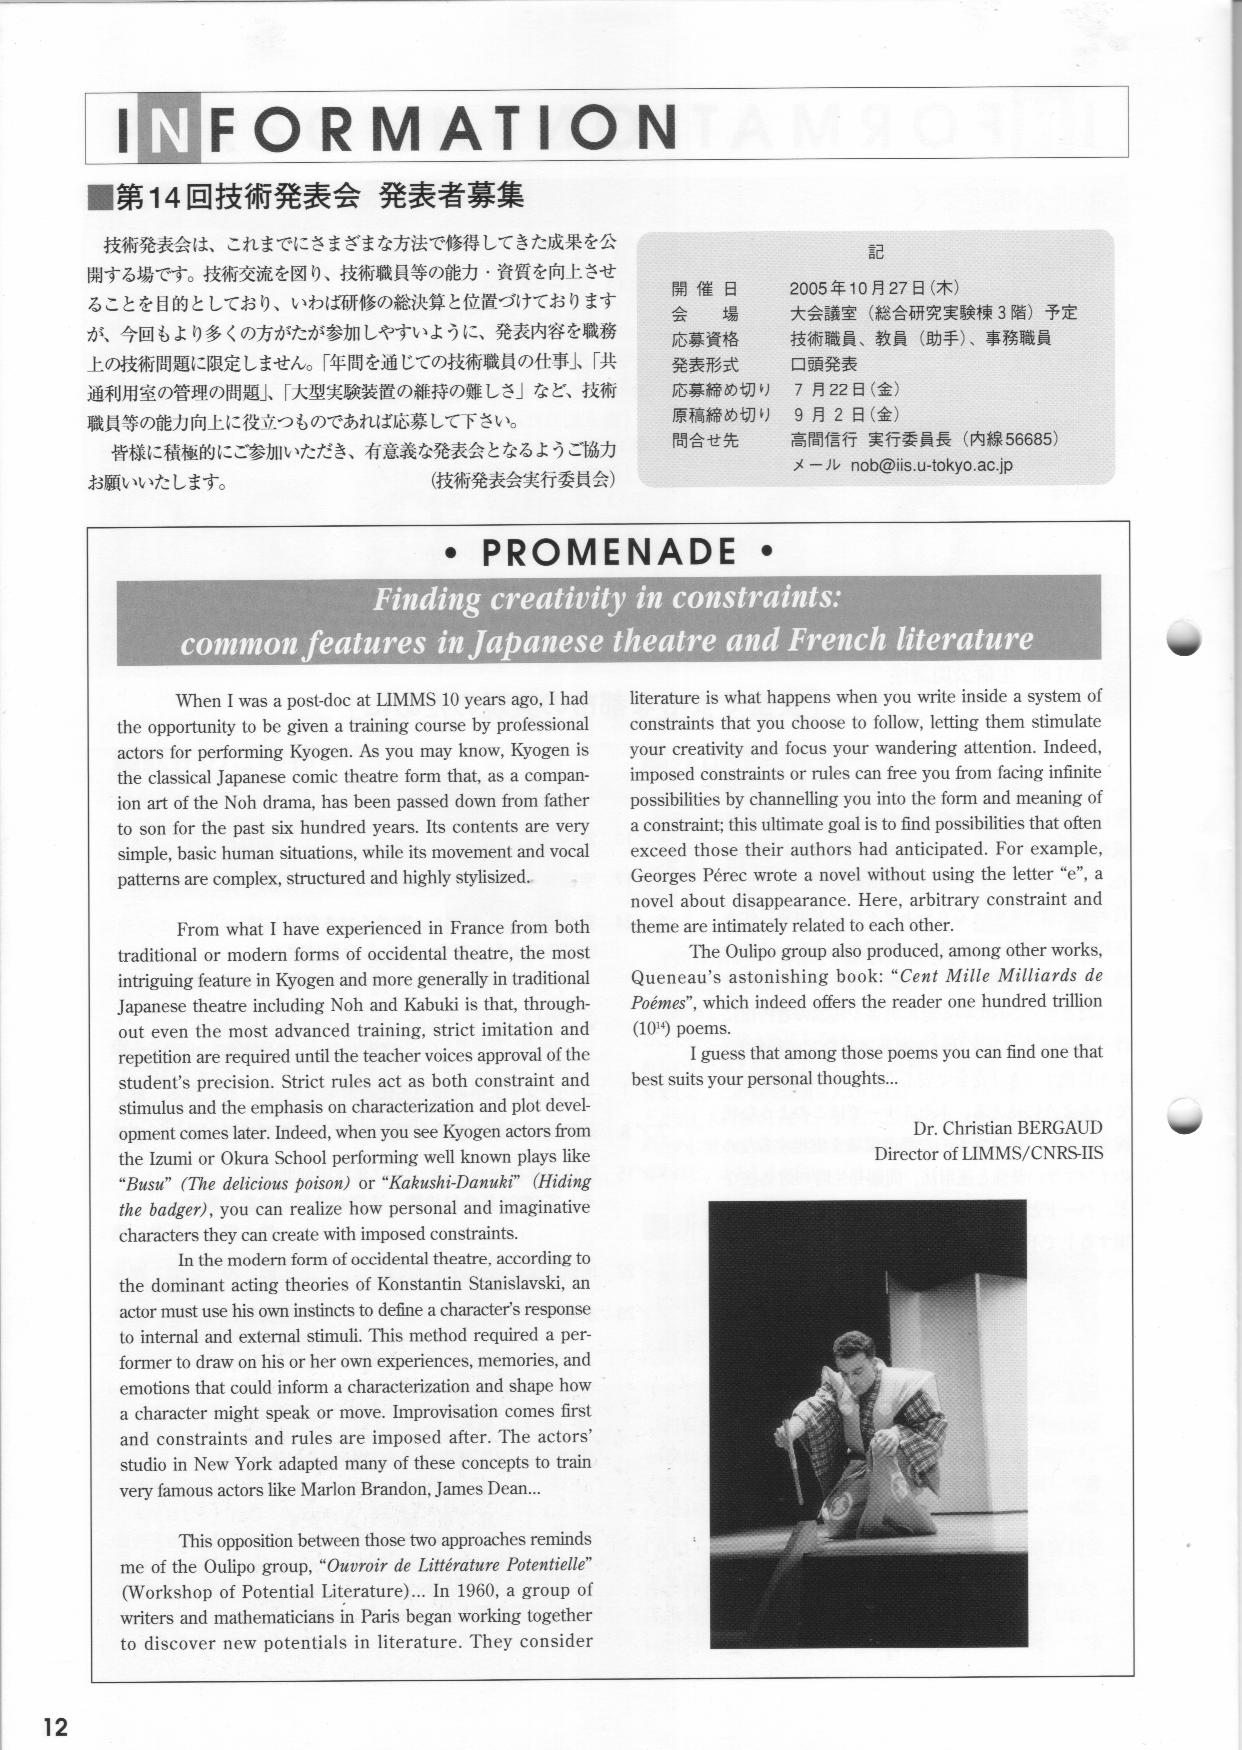 生研ニュース200506-4.png